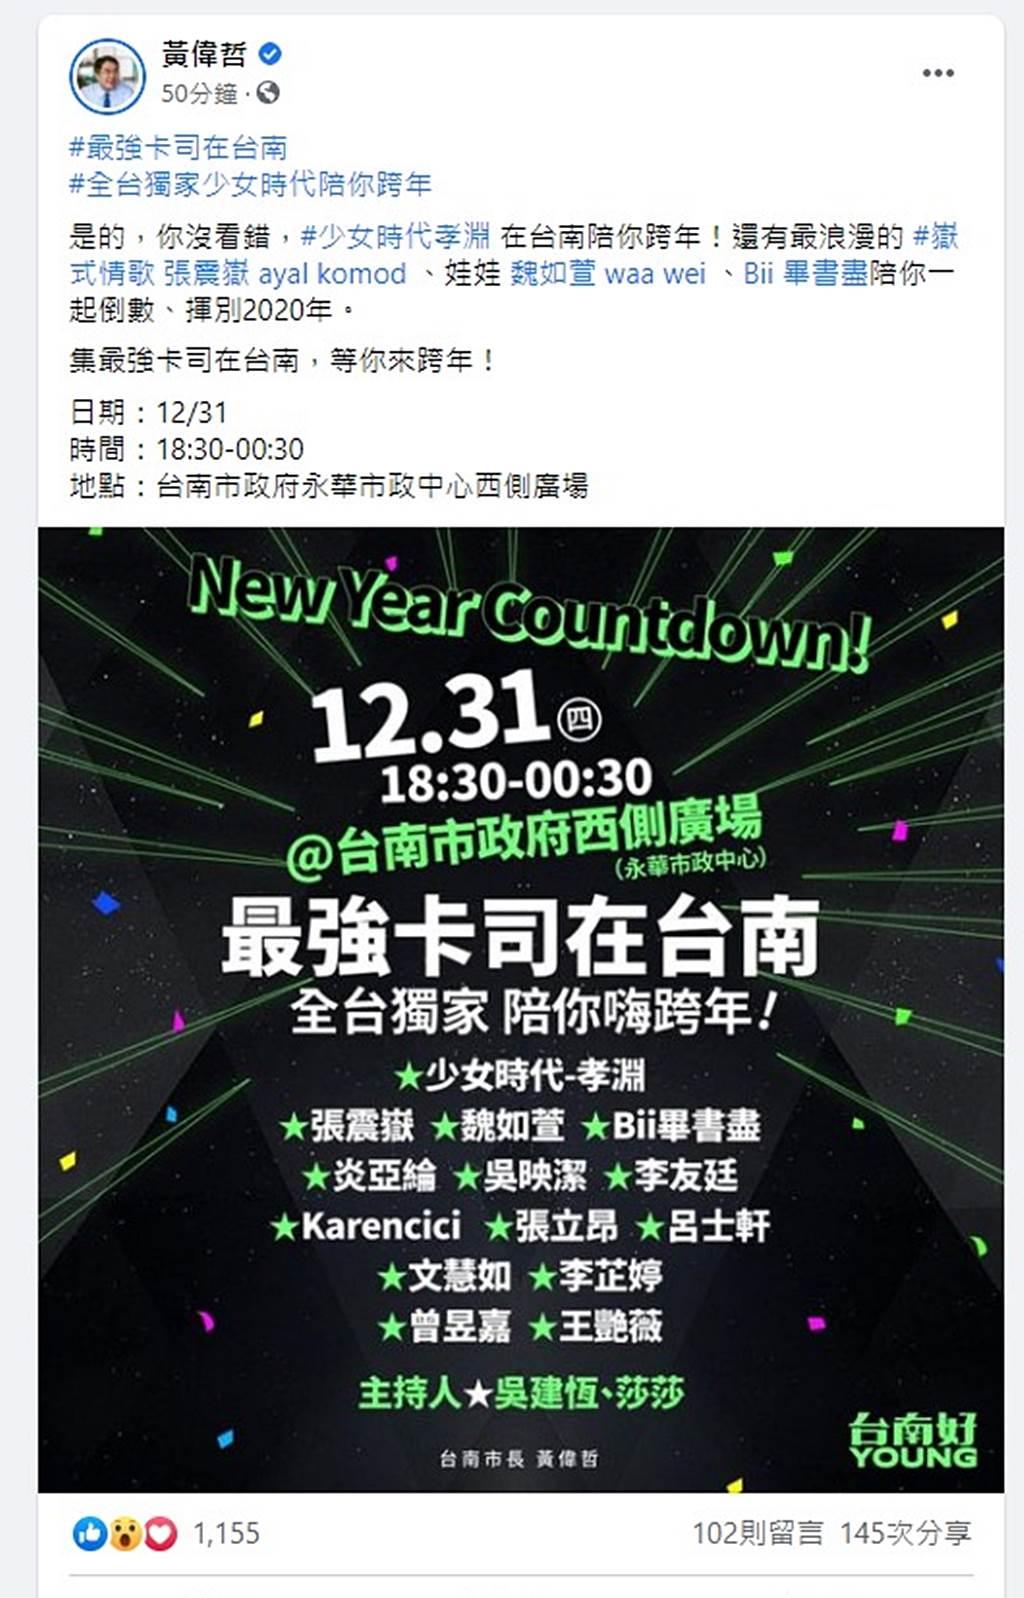 黃偉哲發文宣布跨年晚會名單。(圖/翻攝自黃偉哲臉書)